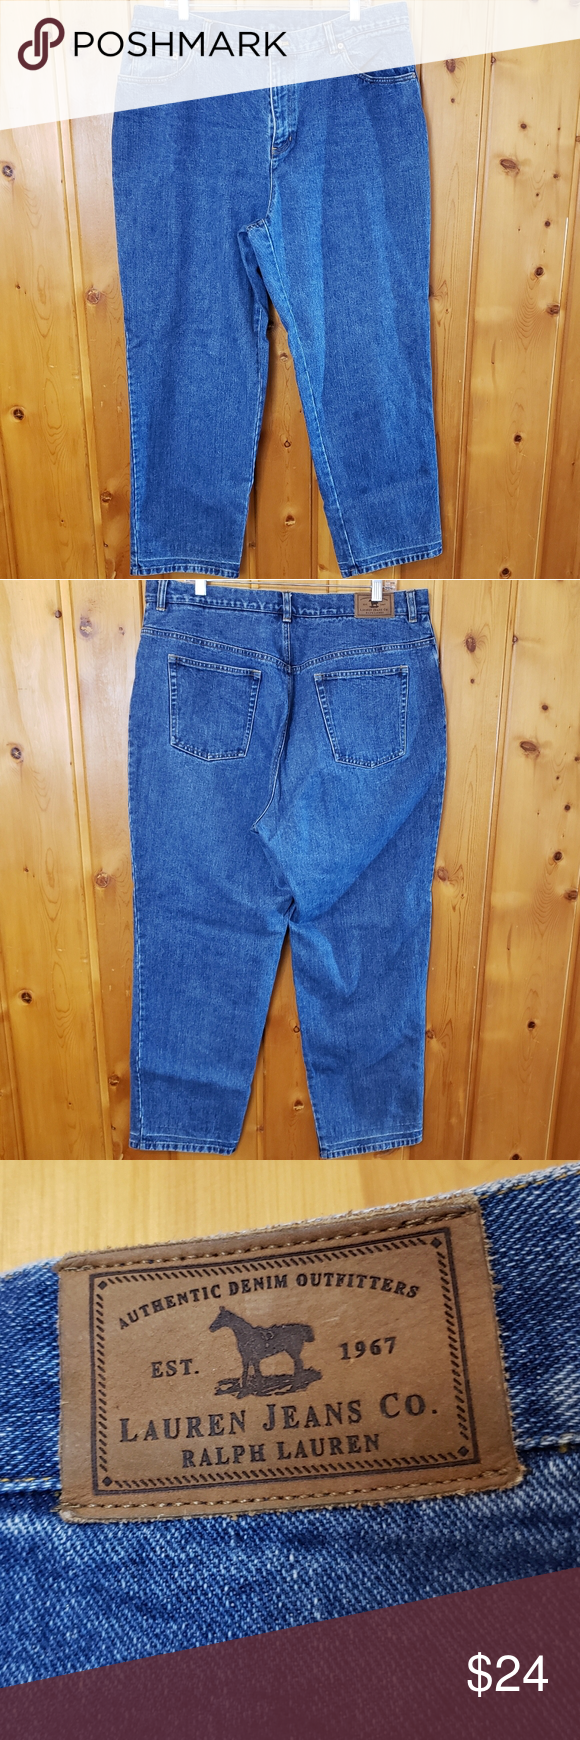 ➕Lauren Jeans Company Jeans